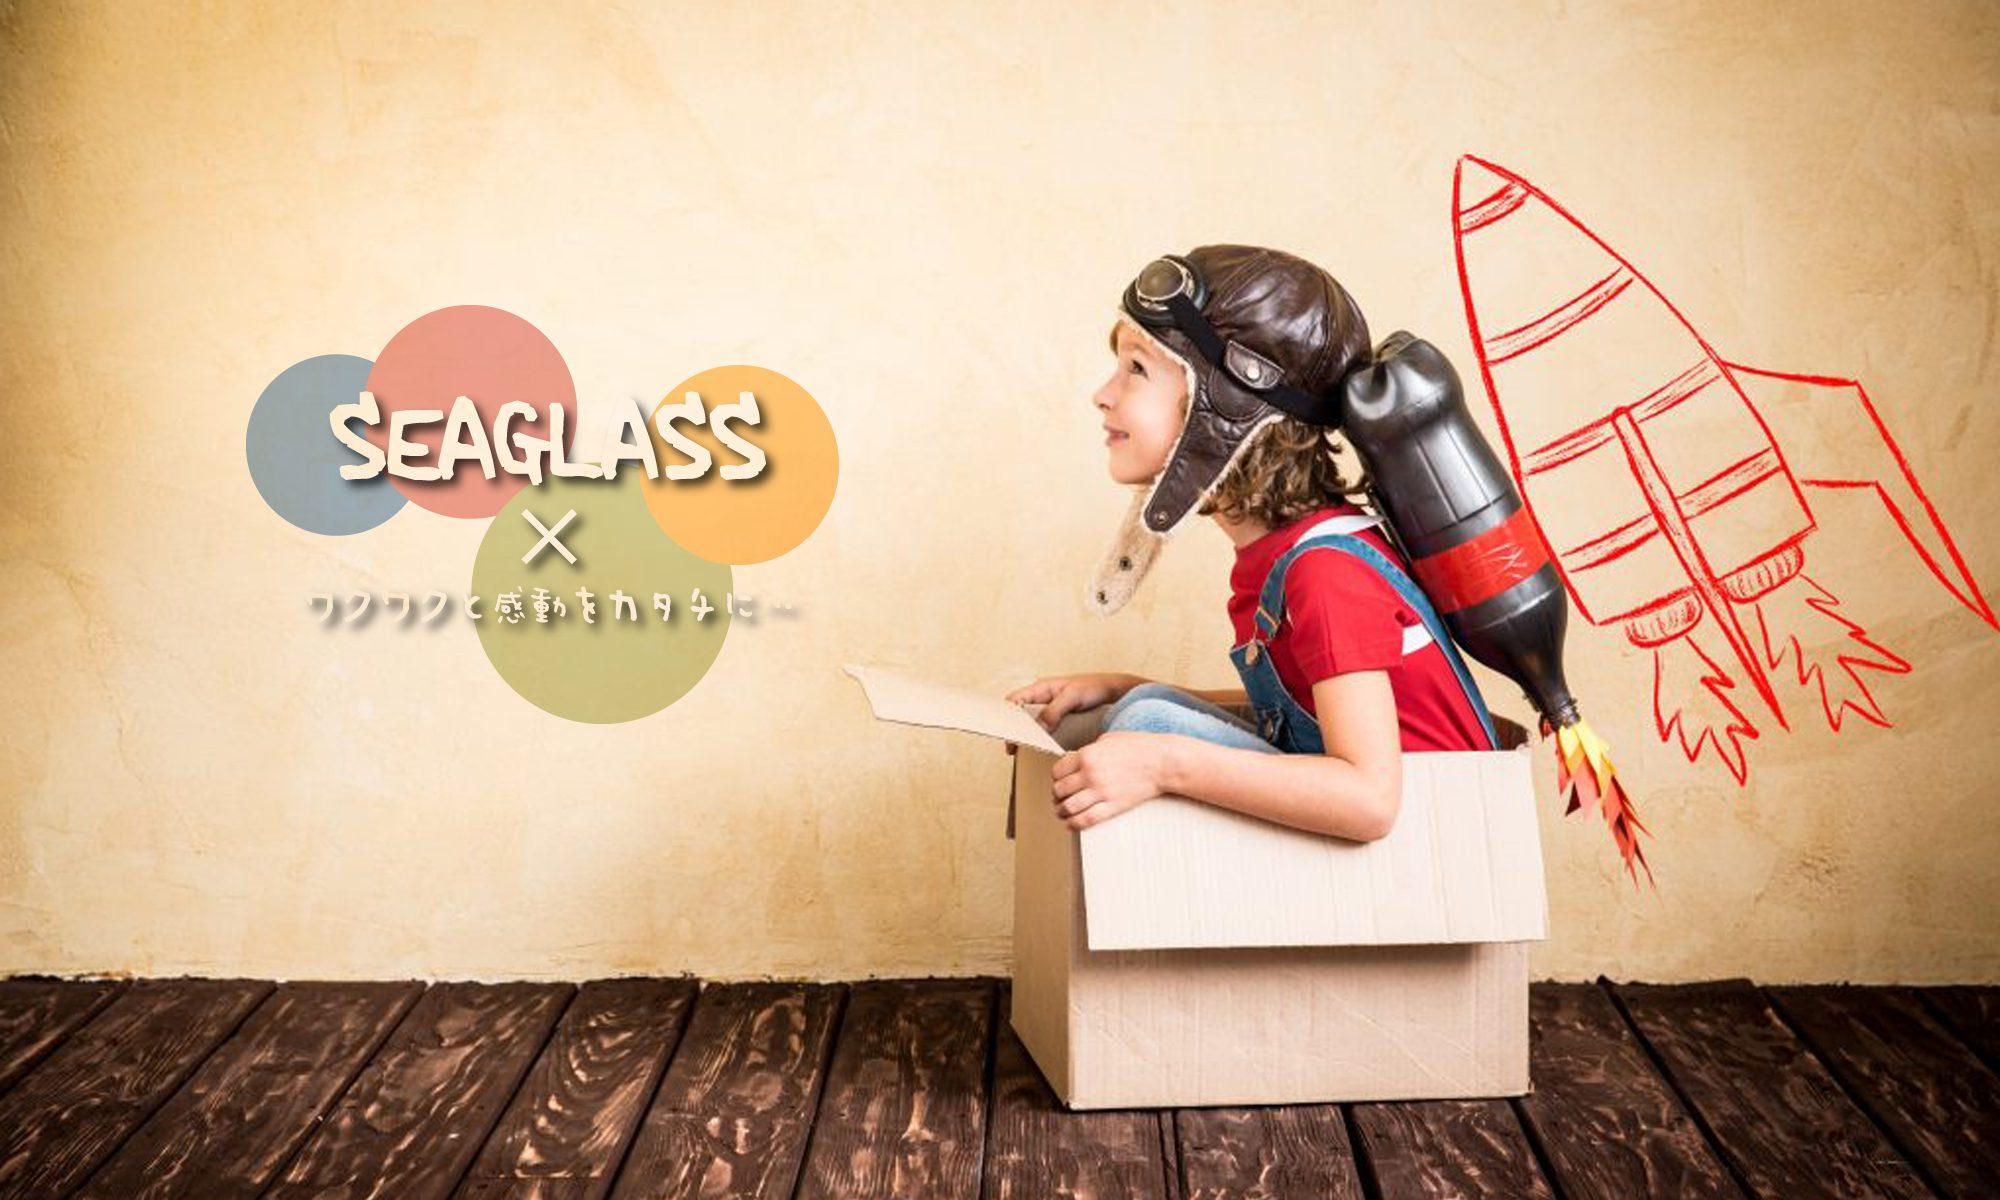 SEAGLASS